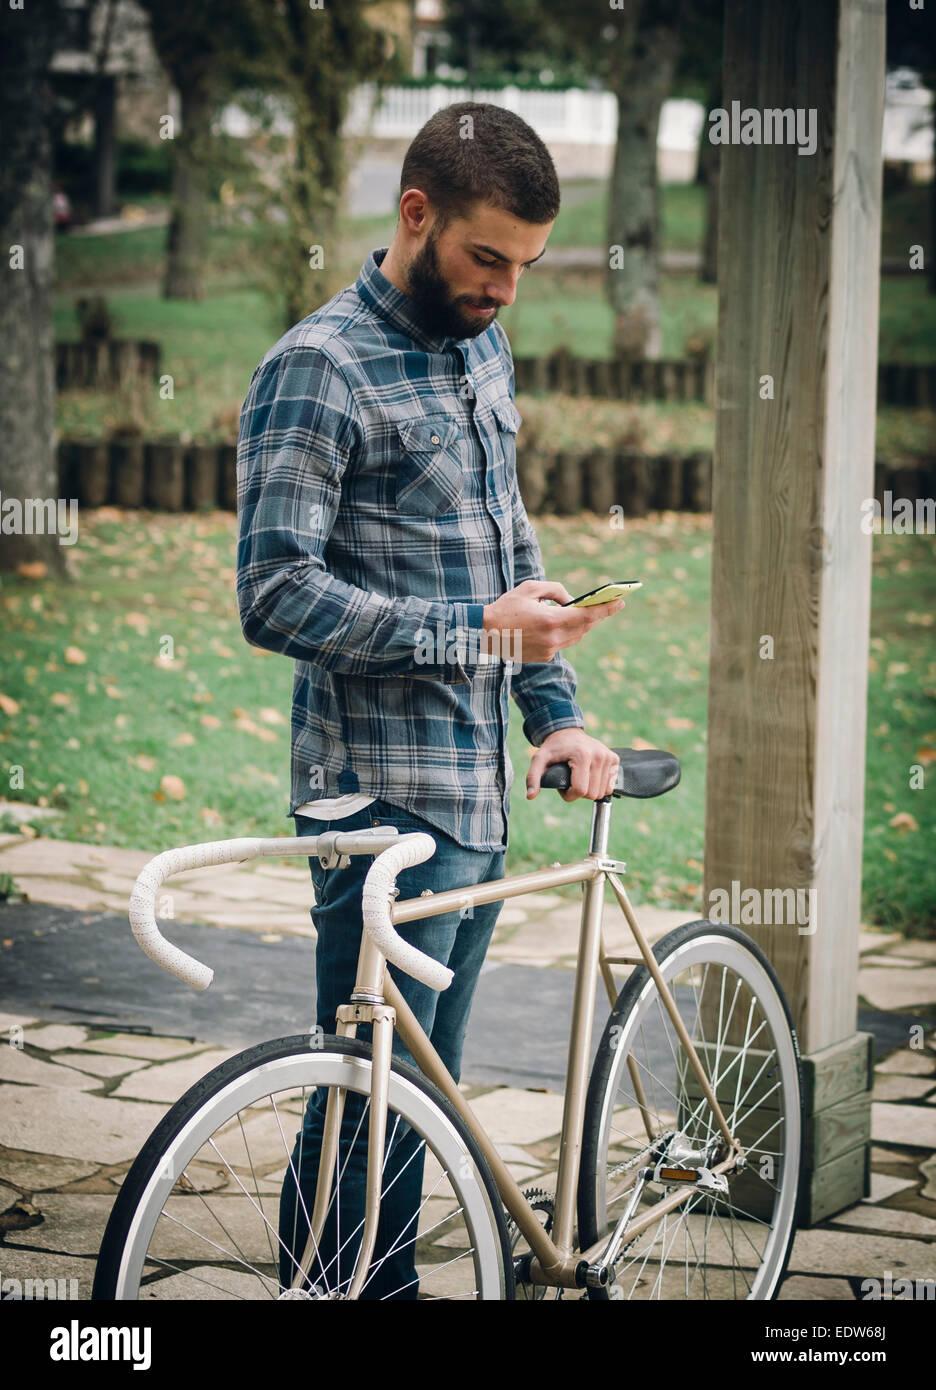 Hipster homme avec un fixie bike et smartphone dans un parc en plein air Photo Stock